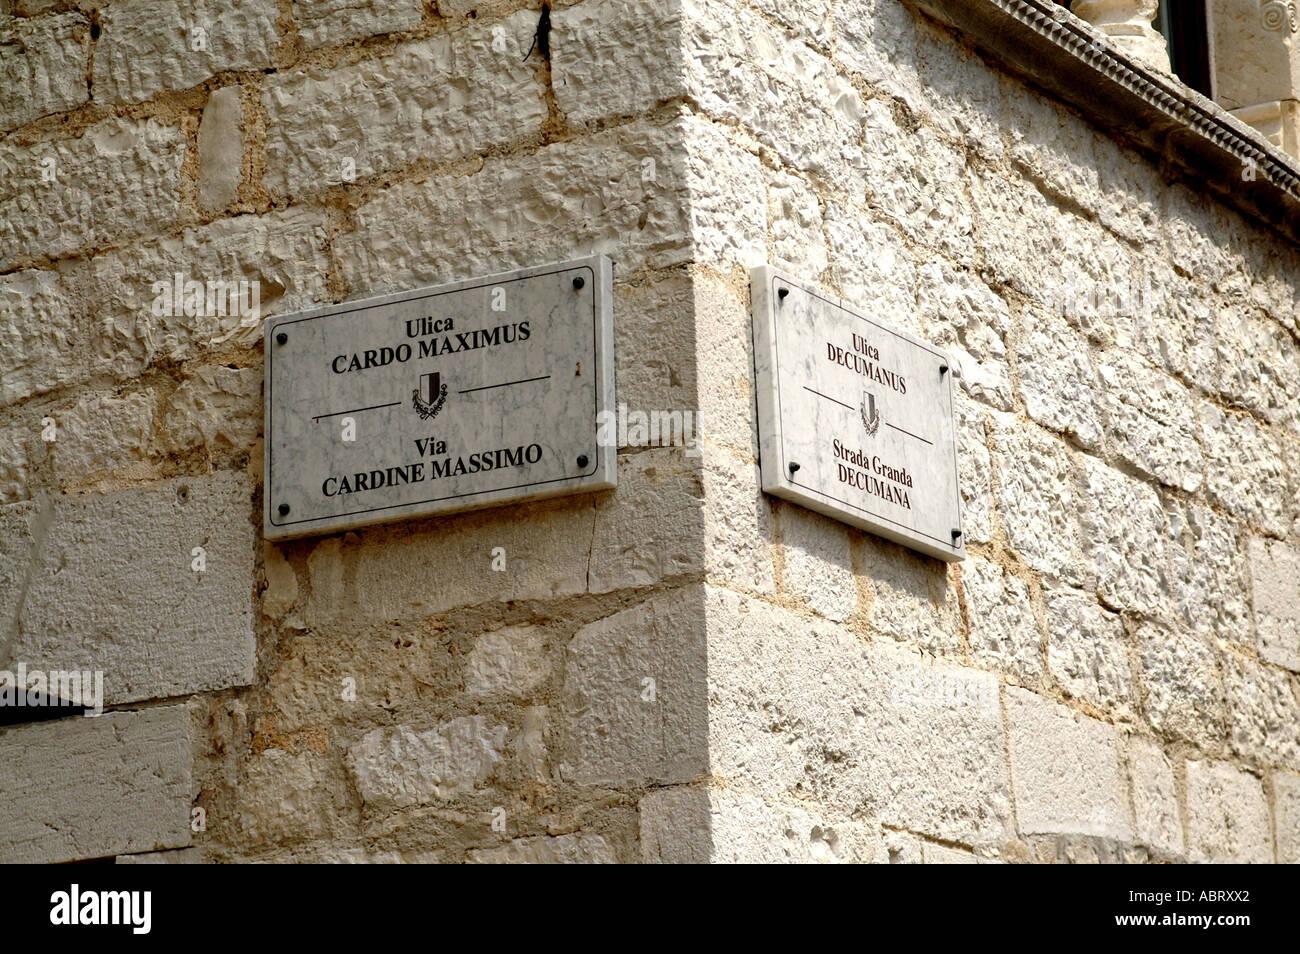 Intersection Of The Decumanus And The Cardo Maximus In Porec Croatia